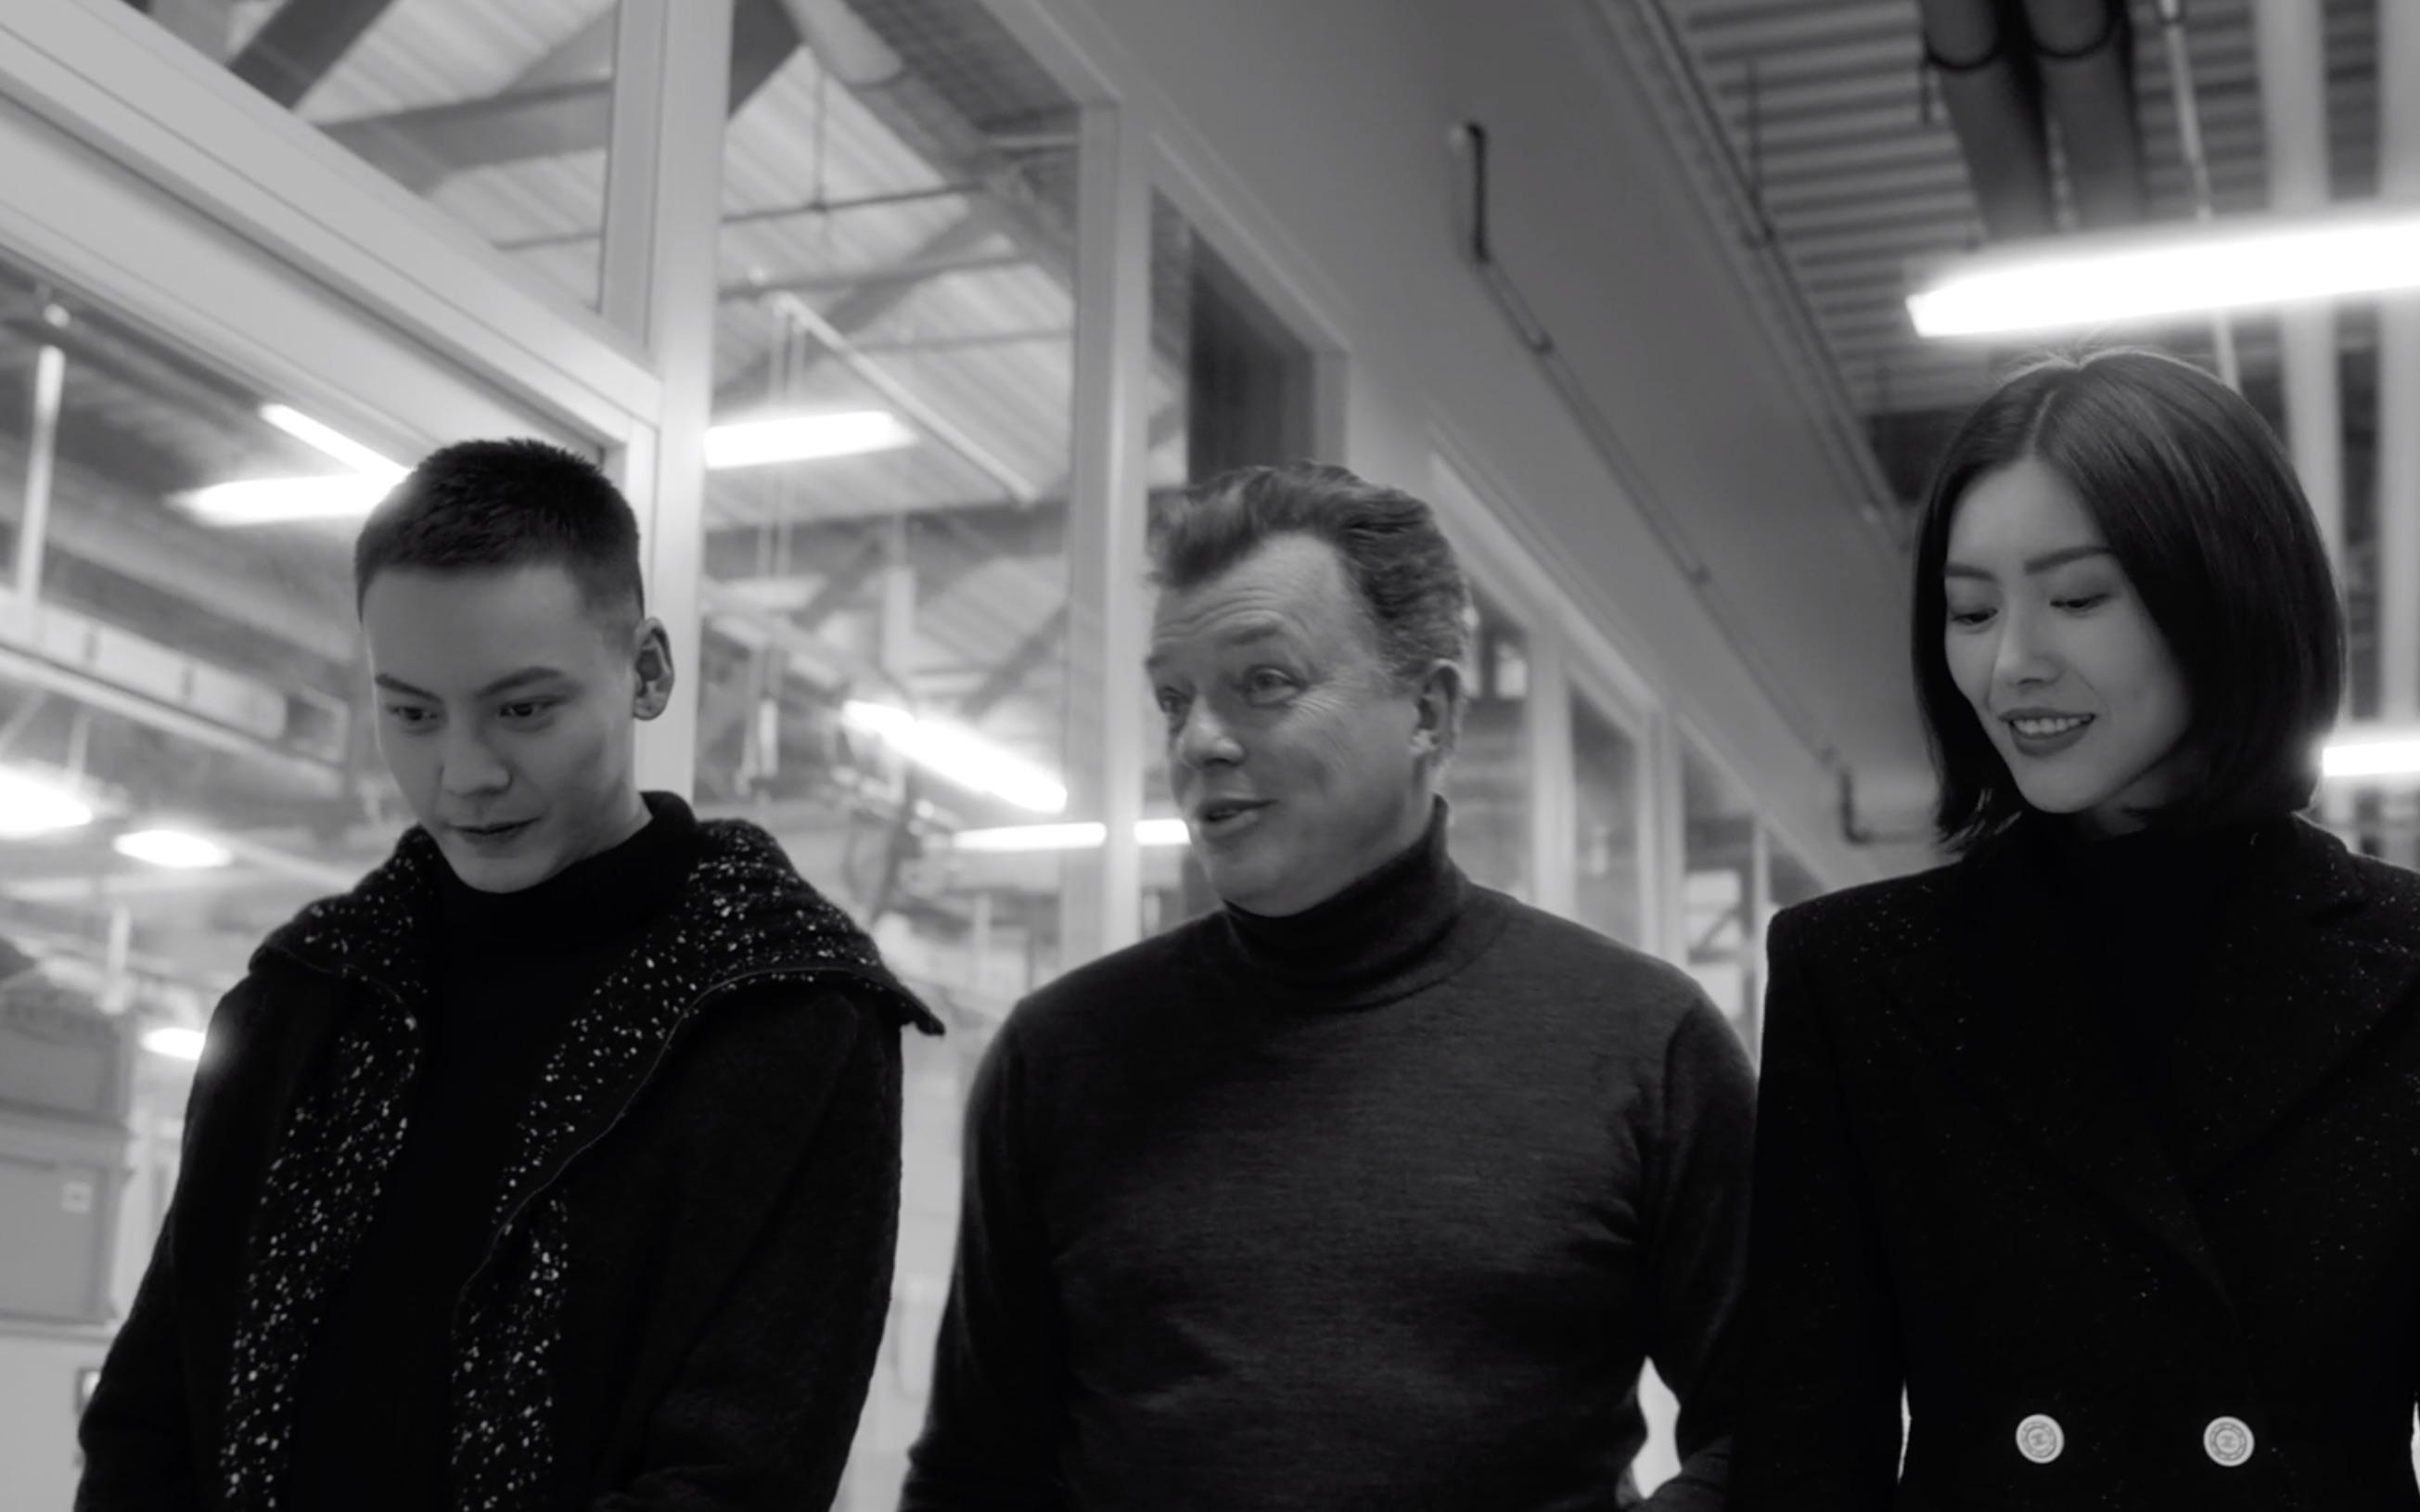 香奈儿腕表形象大使刘雯、陈伟霆前往香奈儿腕表工厂